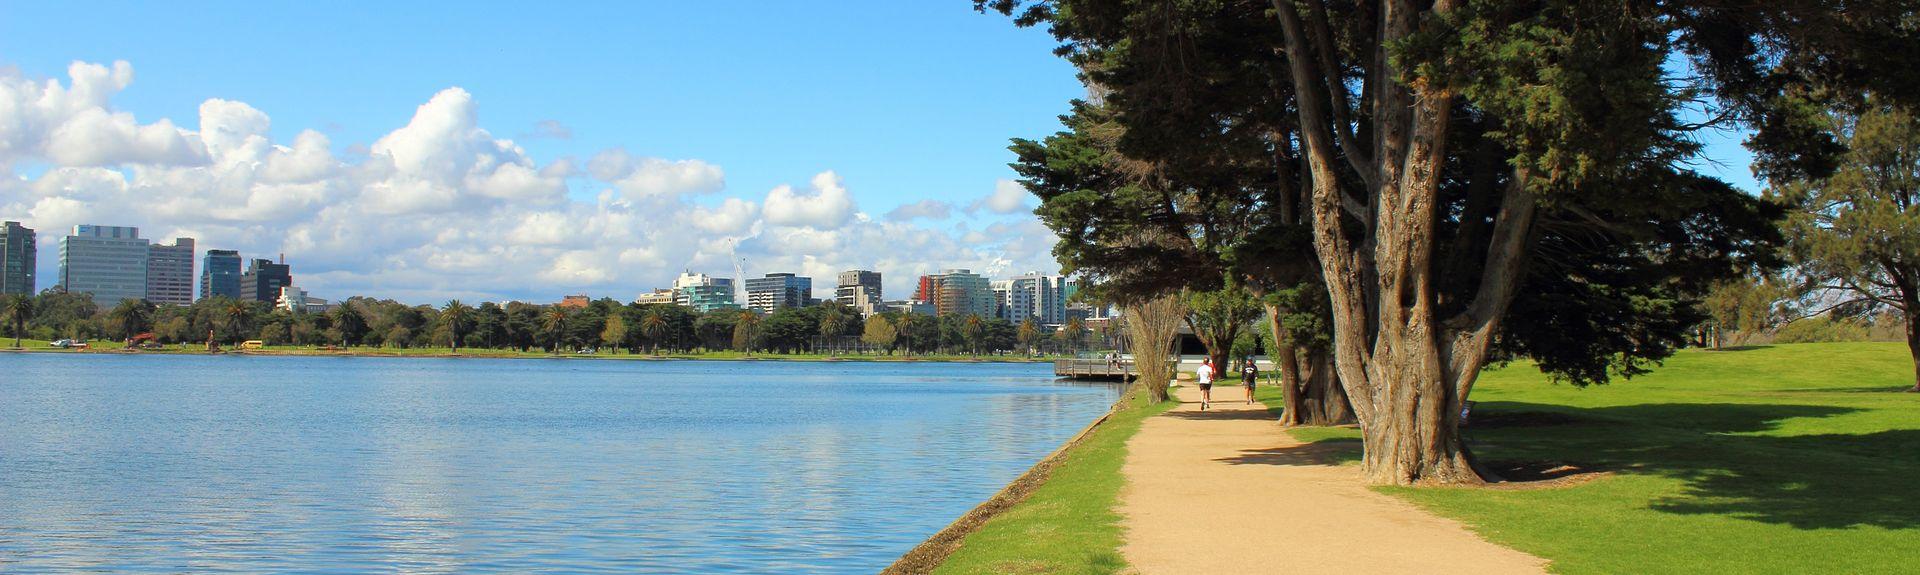 Albert Park, Melbourne, Victoria, Australia